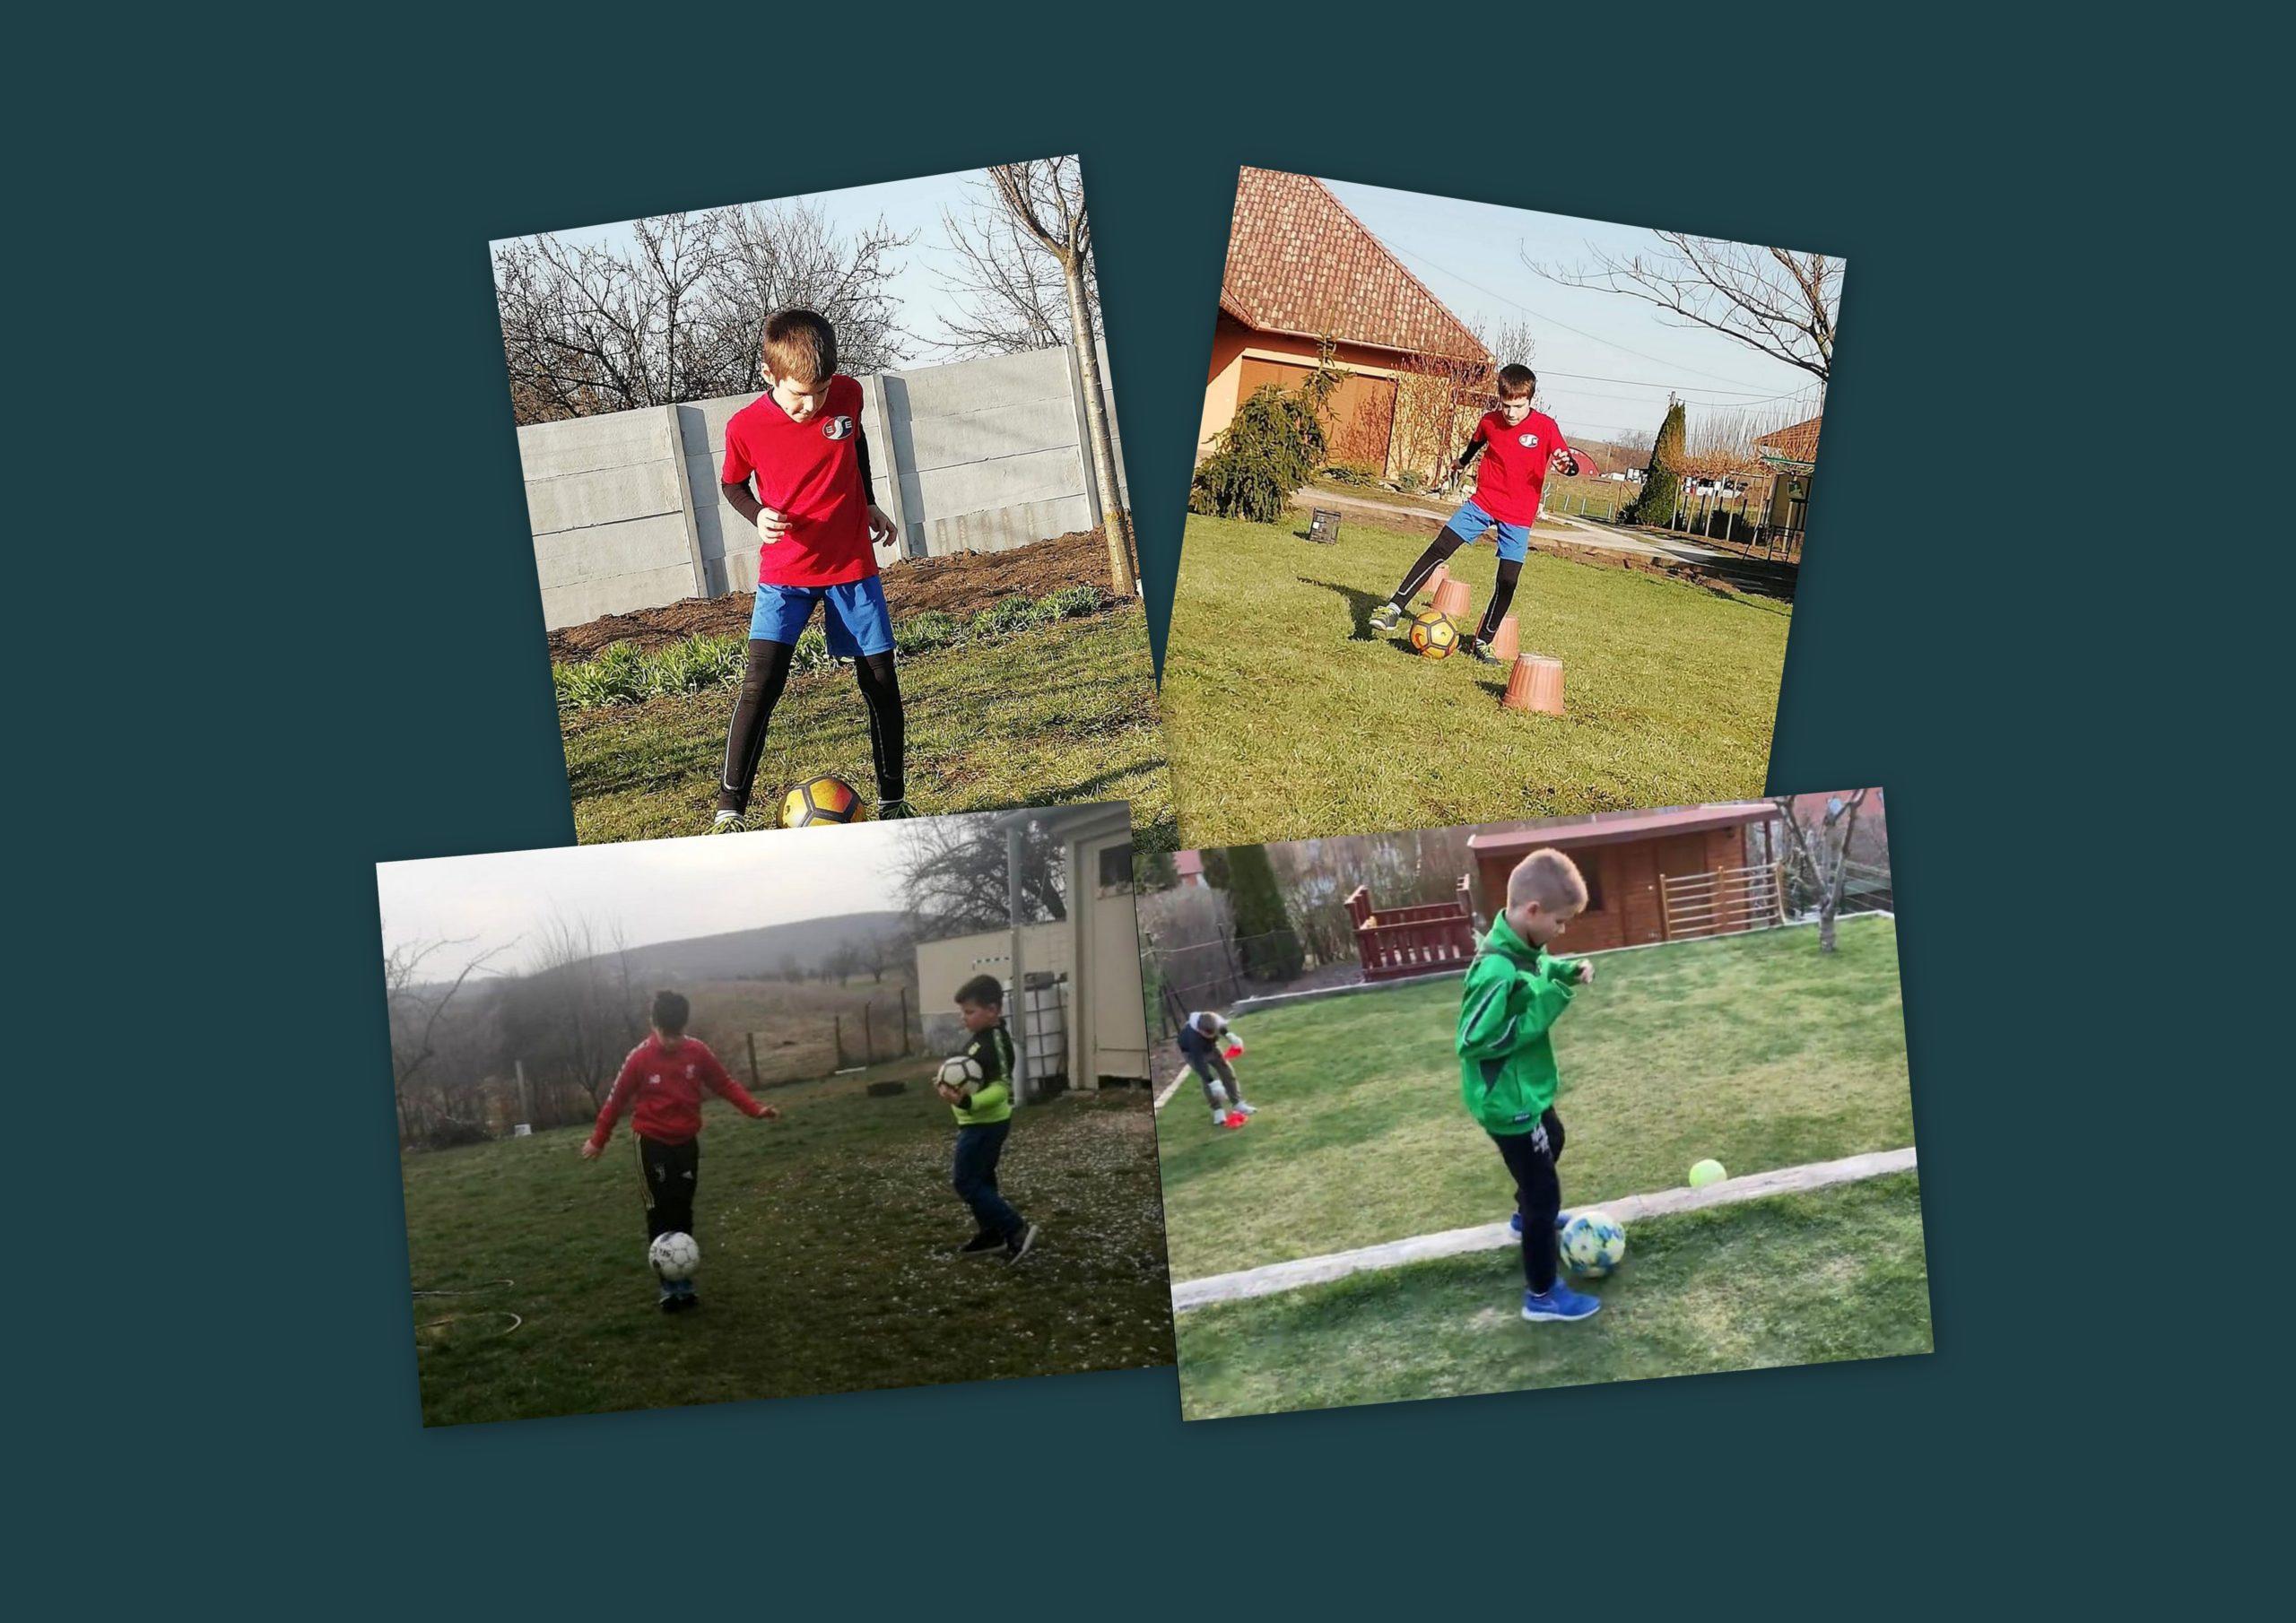 U10 – Otthoni tanulás és edzés az utánpótlás csapatunknál